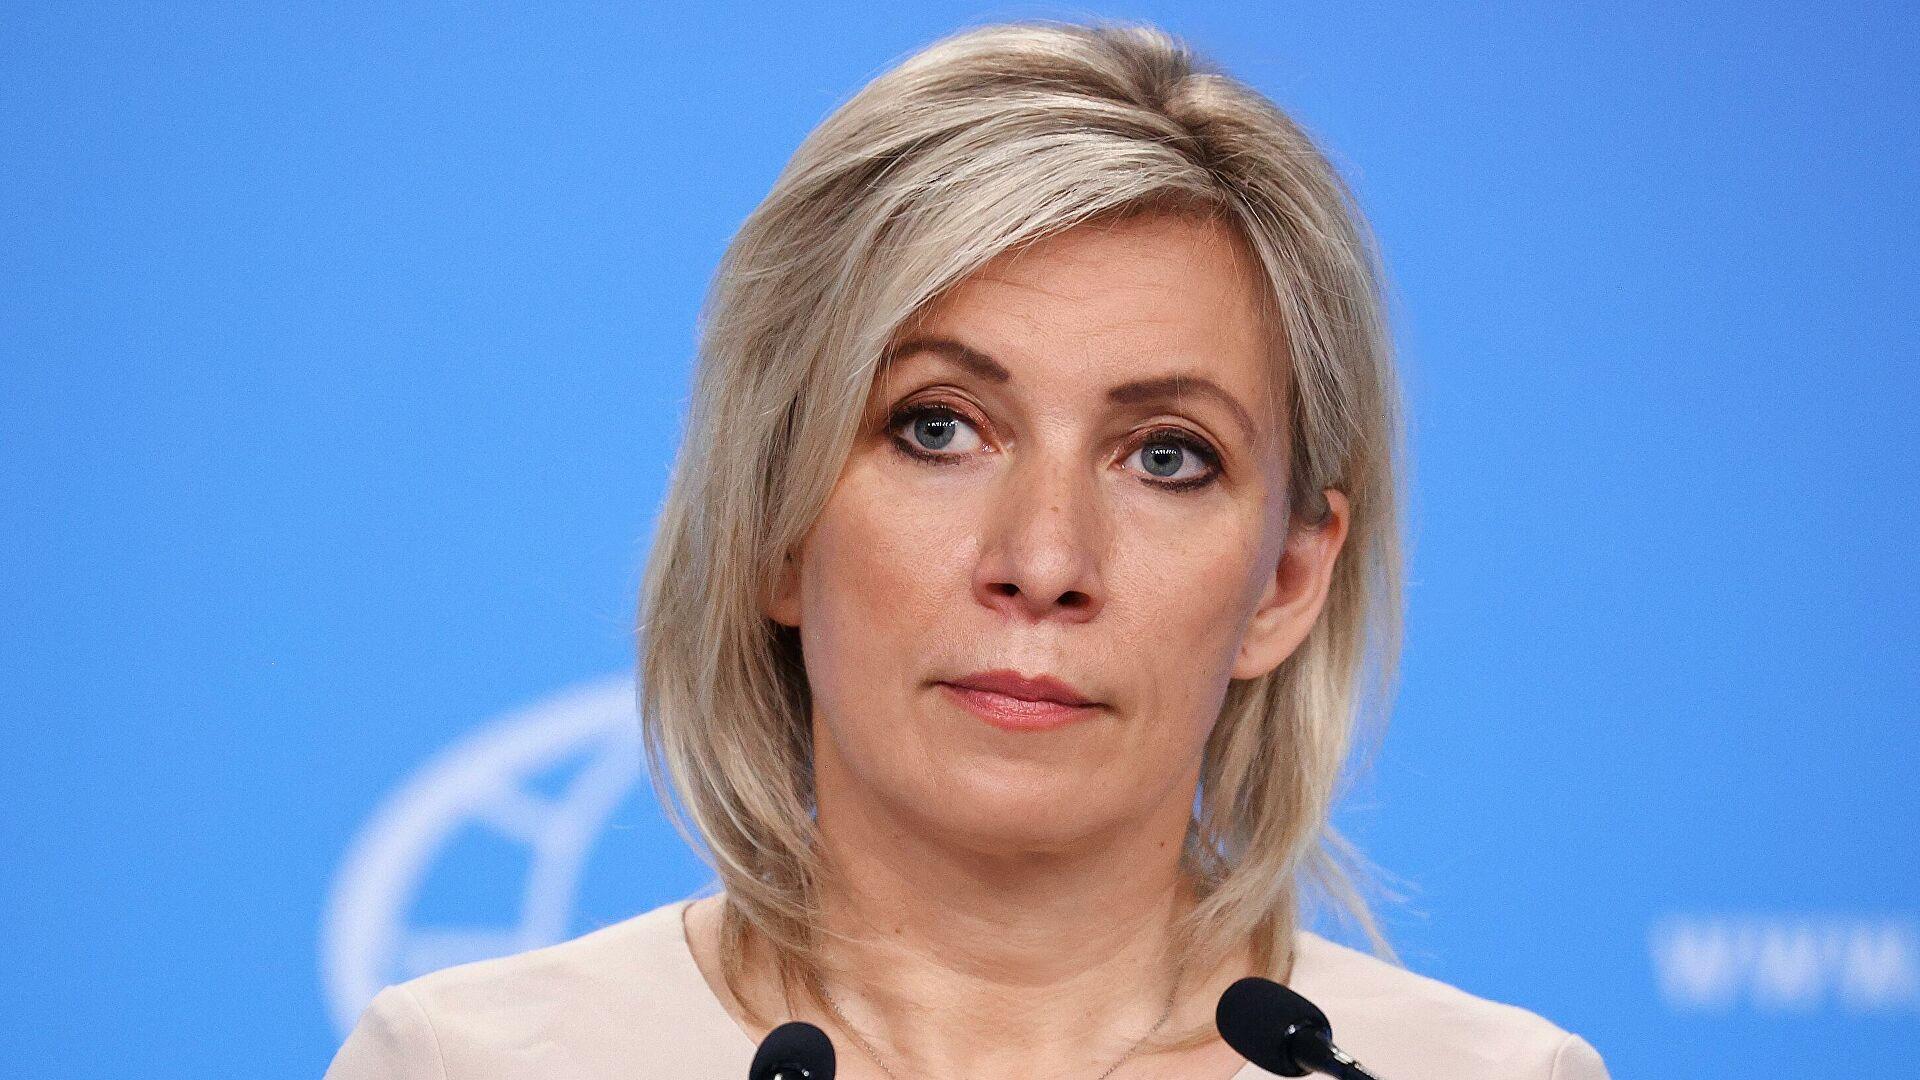 Захарова: Активно се ради на реализацији договора председника Путина и Бајдена